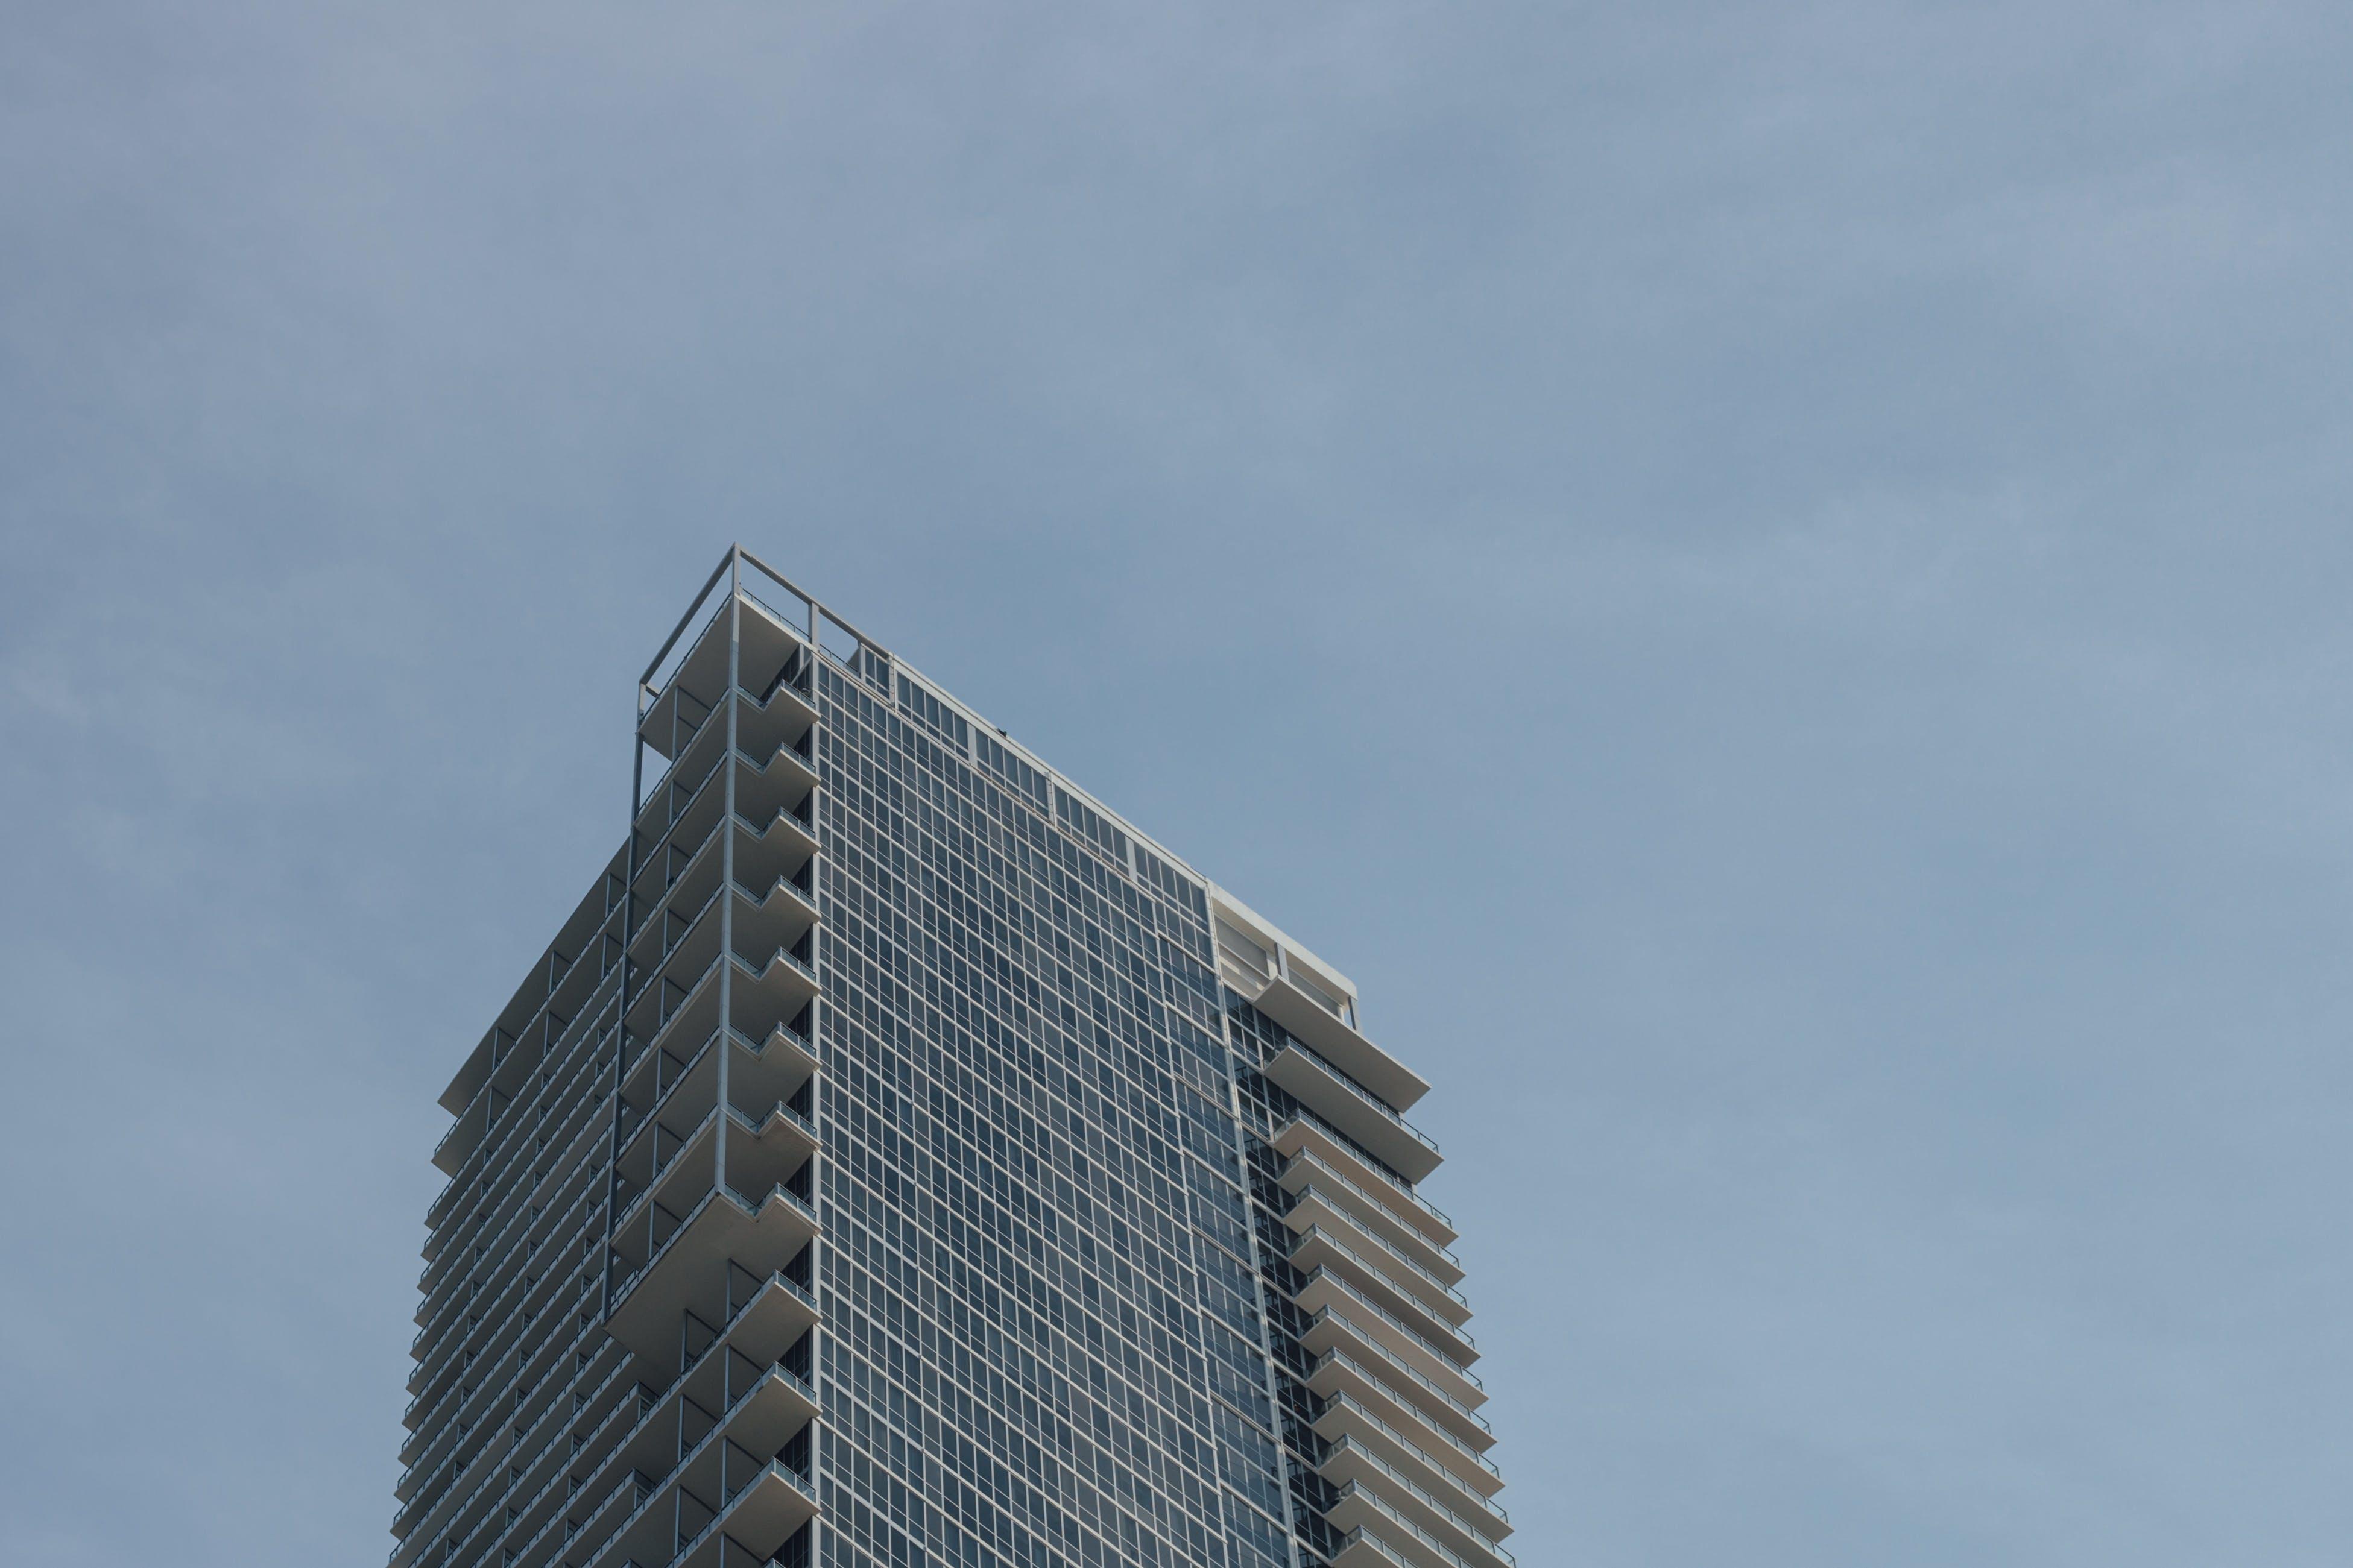 Gratis stockfoto met architectuur, balkons, gebouw, hedendaags